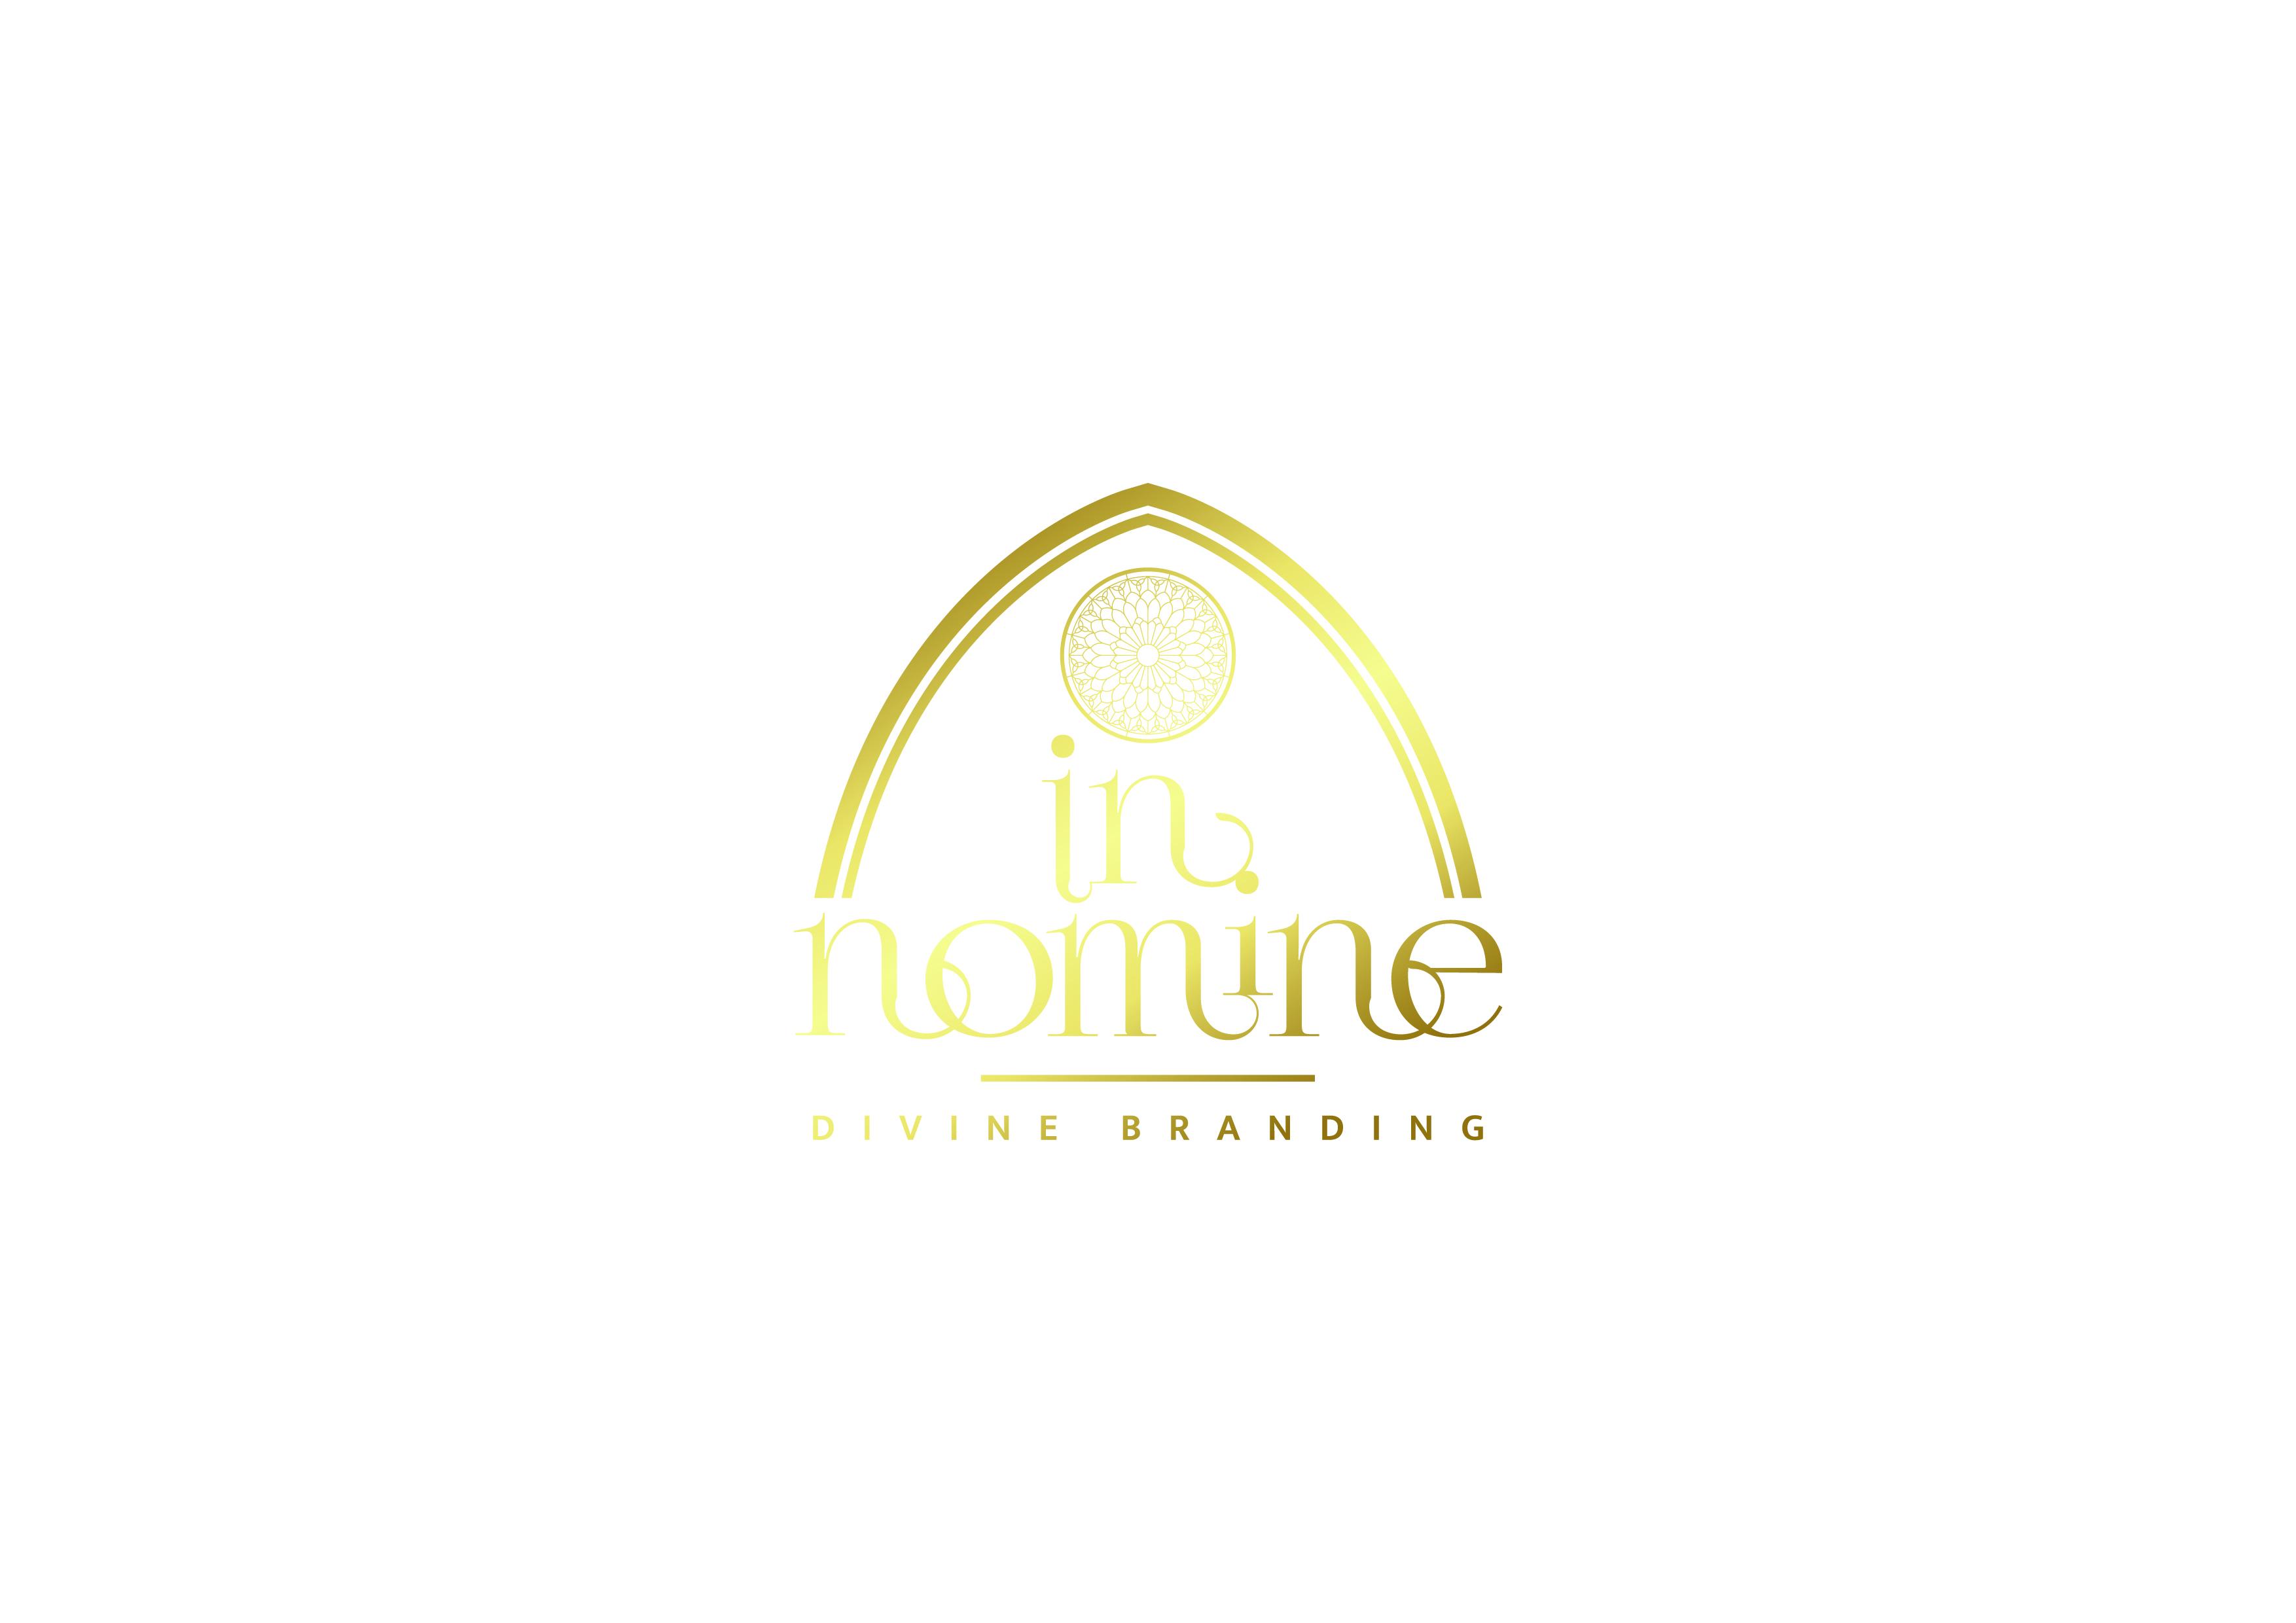 Logotipo versión dorada